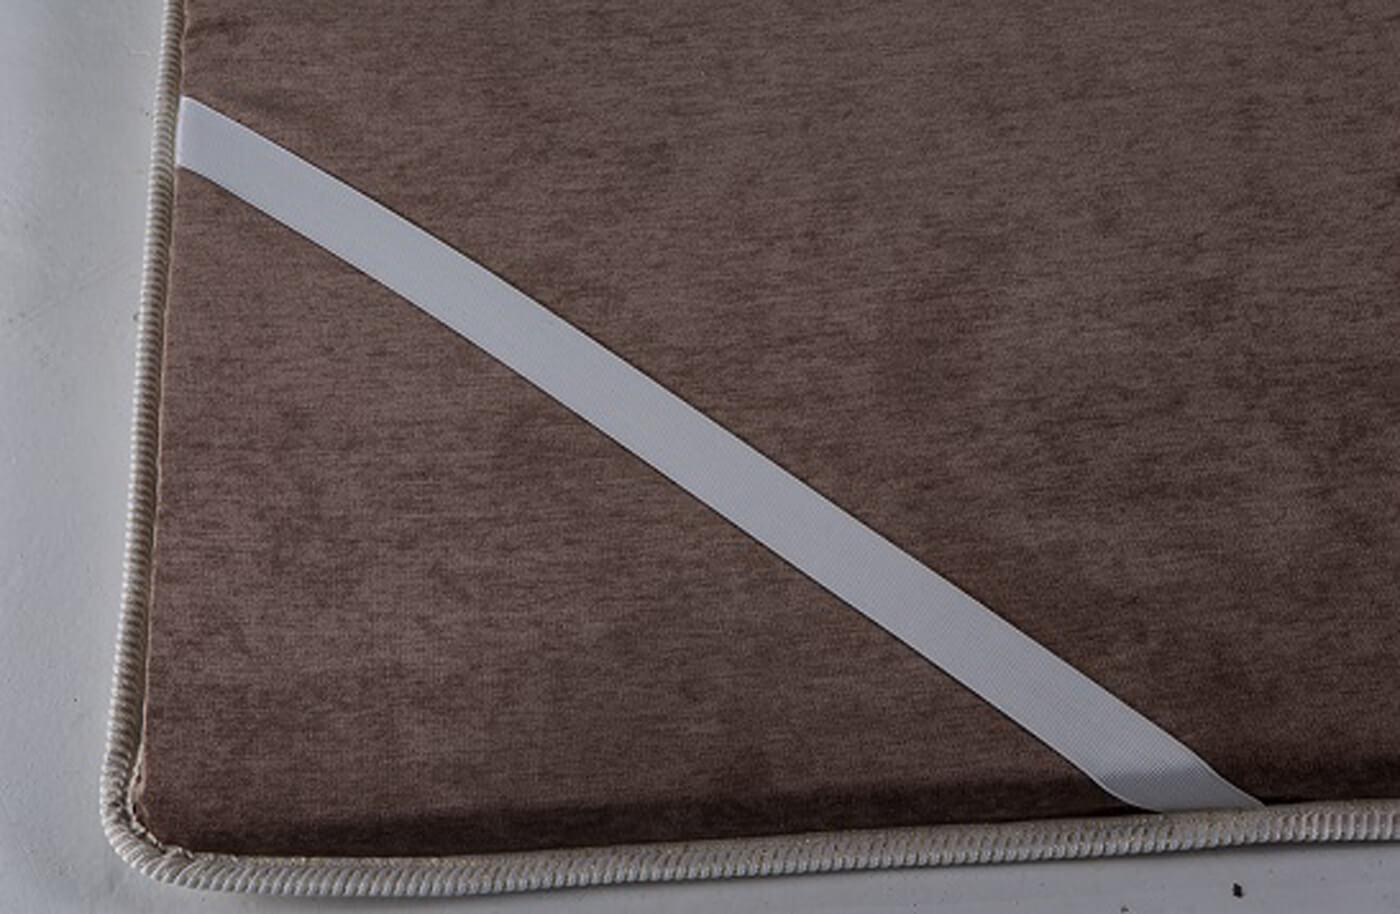 Manta Magnética Colchonete Kenko Premium King Size C/ Massagem Eletrônica 1,93x2,03x10cm  - Kenko Premium Colchões